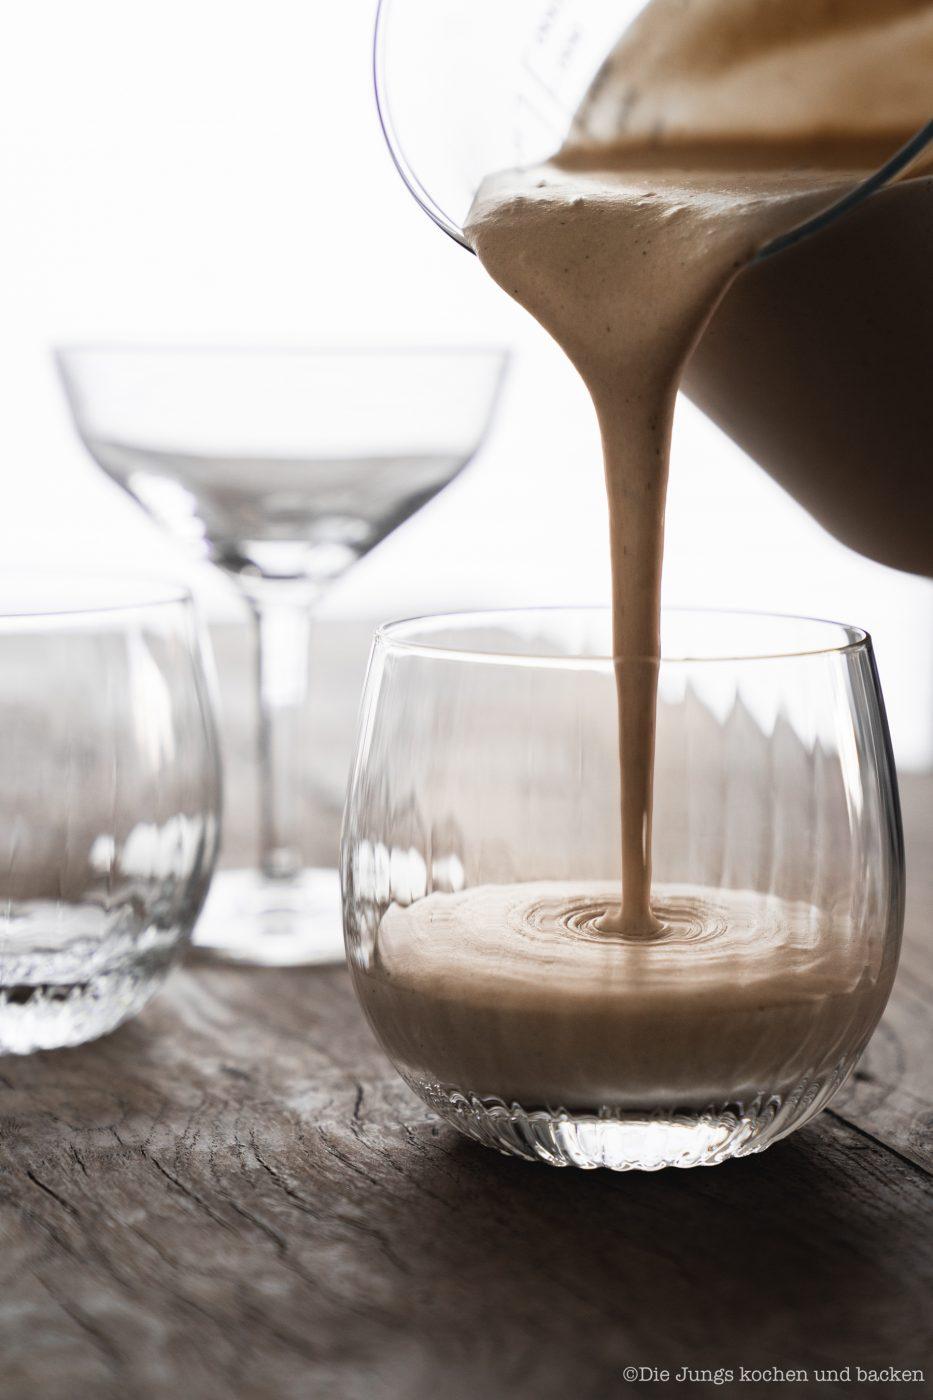 Bayerische Creme Zwiesel 4 | Wir haben ein Rezept für einen absoluten Creme-Klassiker dabei - Bayerische Creme! Wir servieren die leckere Creme in Gläsern, denn wir haben uns mal wieder mit unserem Partner Zwiesel Glas zusammengetan. Gläser können eben nicht nur das Beste aus Weinen und Drinks hervorlocken, sie sind auch ein Hingucker für die Vielzahl an Glasdesserts! Gerade für Parties oder generell, wenn wir für mehrere Personen kochen, ist ein Dessert aus dem Glas einfach unglaublich praktisch. Wie wir auf die Idee kamen? Zwiesel Glas sitzt im bayerischen Wald. Also haben wir mit ihnen bayerische Creme gemacht ... logisch, oder?!